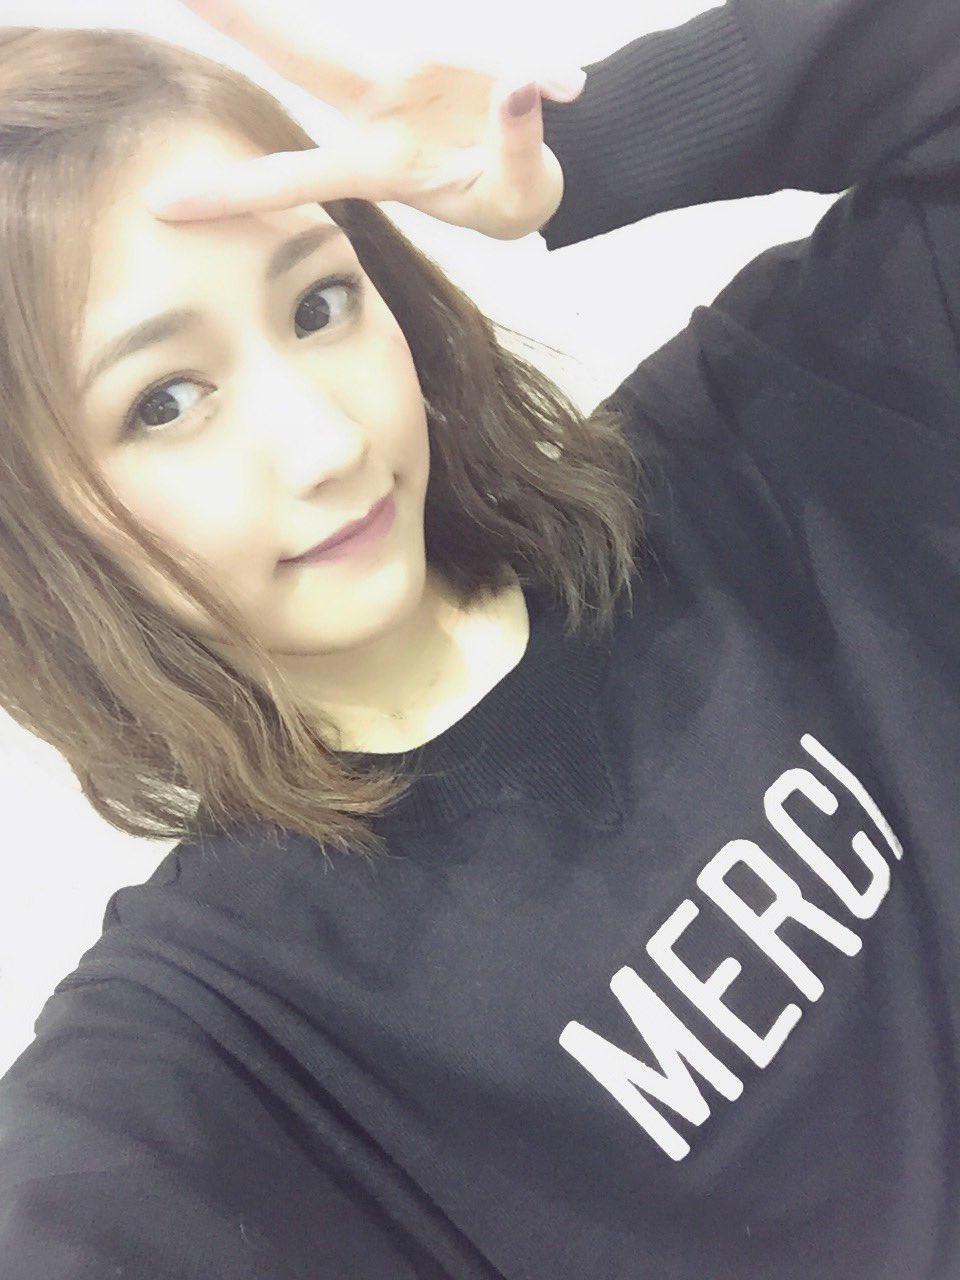 【元AKB48】渡辺麻友のtwitter「本年よりスタッフが主につぶやいて参ります」